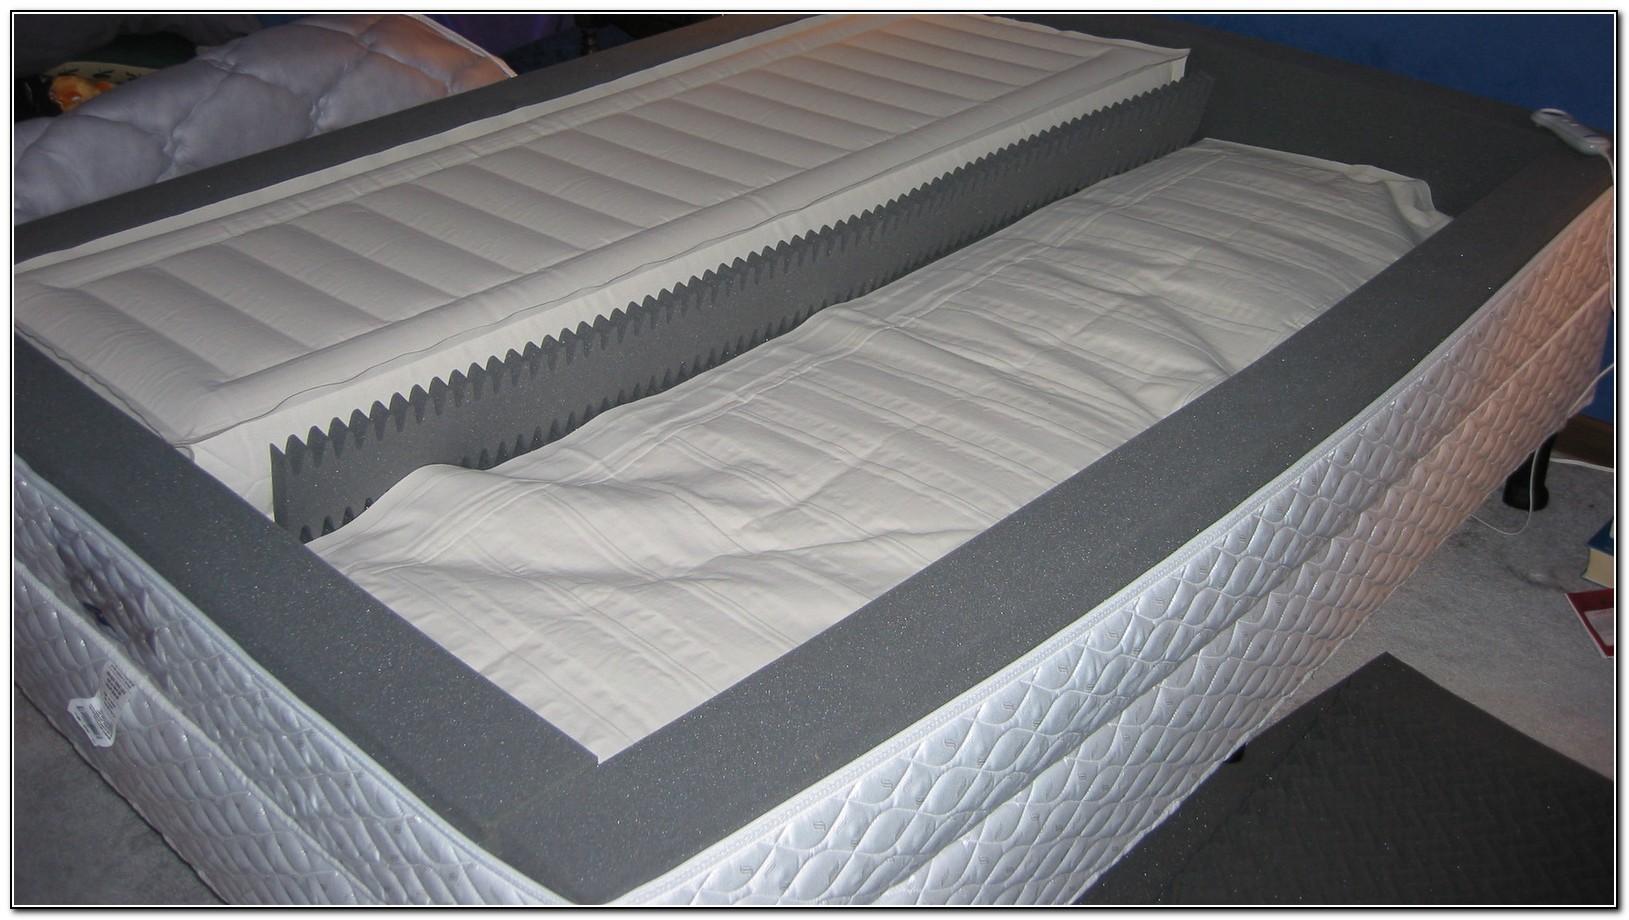 Sleep Number Sofa Bed 80 With Sleep Number Sofa Bed | Jinanhongyu For Sleep Number Sofa Beds (View 20 of 20)